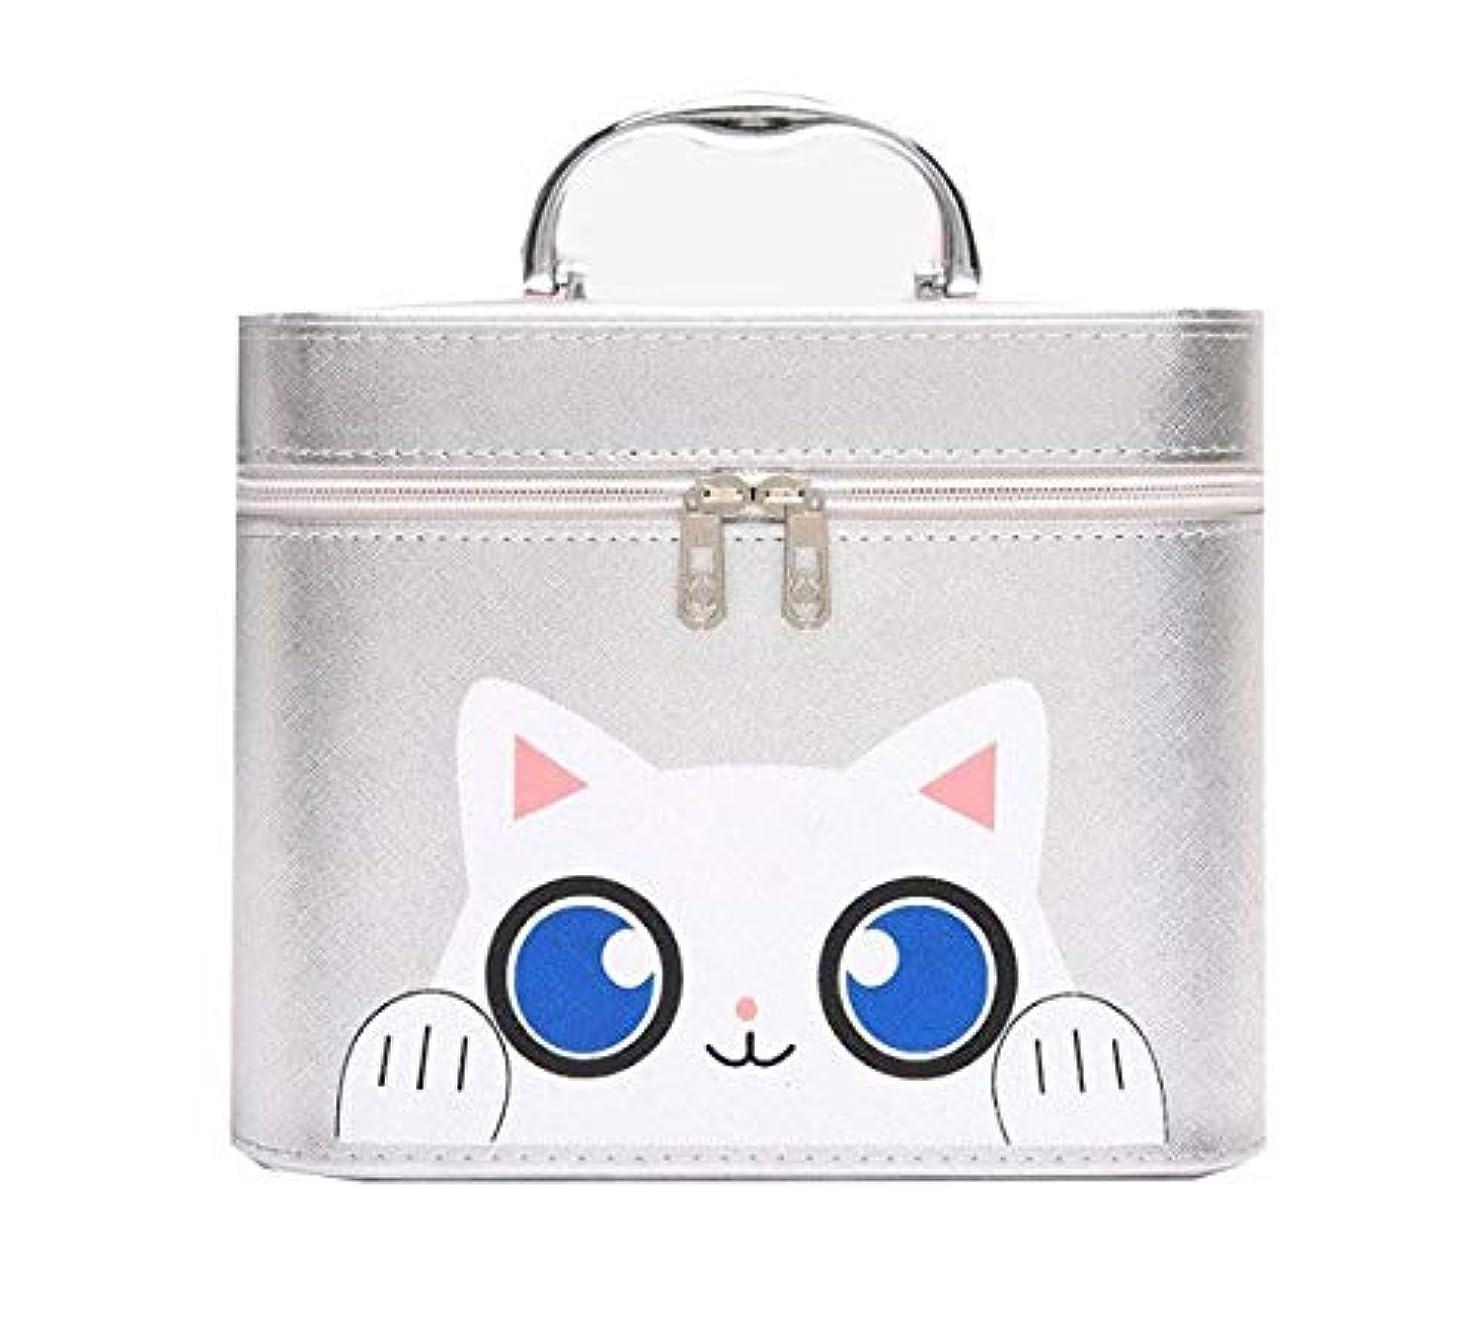 イブニング批評とティーム化粧箱、シルバー漫画猫化粧品ケース、ポータブル旅行化粧品ケース、美容ネイルジュエリー収納ボックス (Size : L)